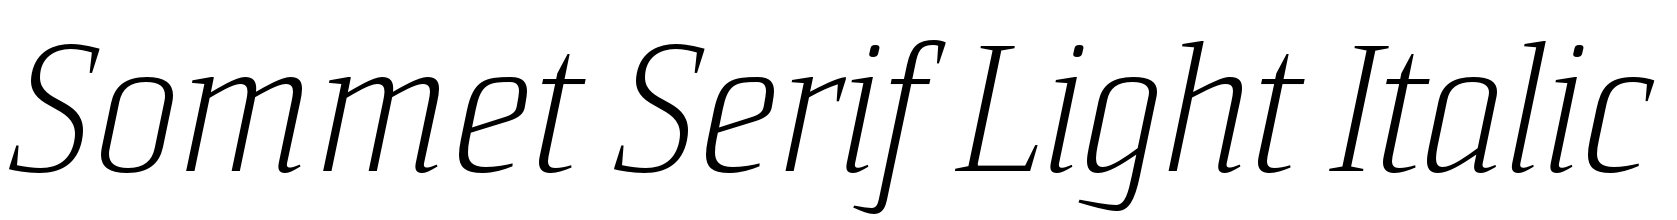 Sommet Serif Light Italic